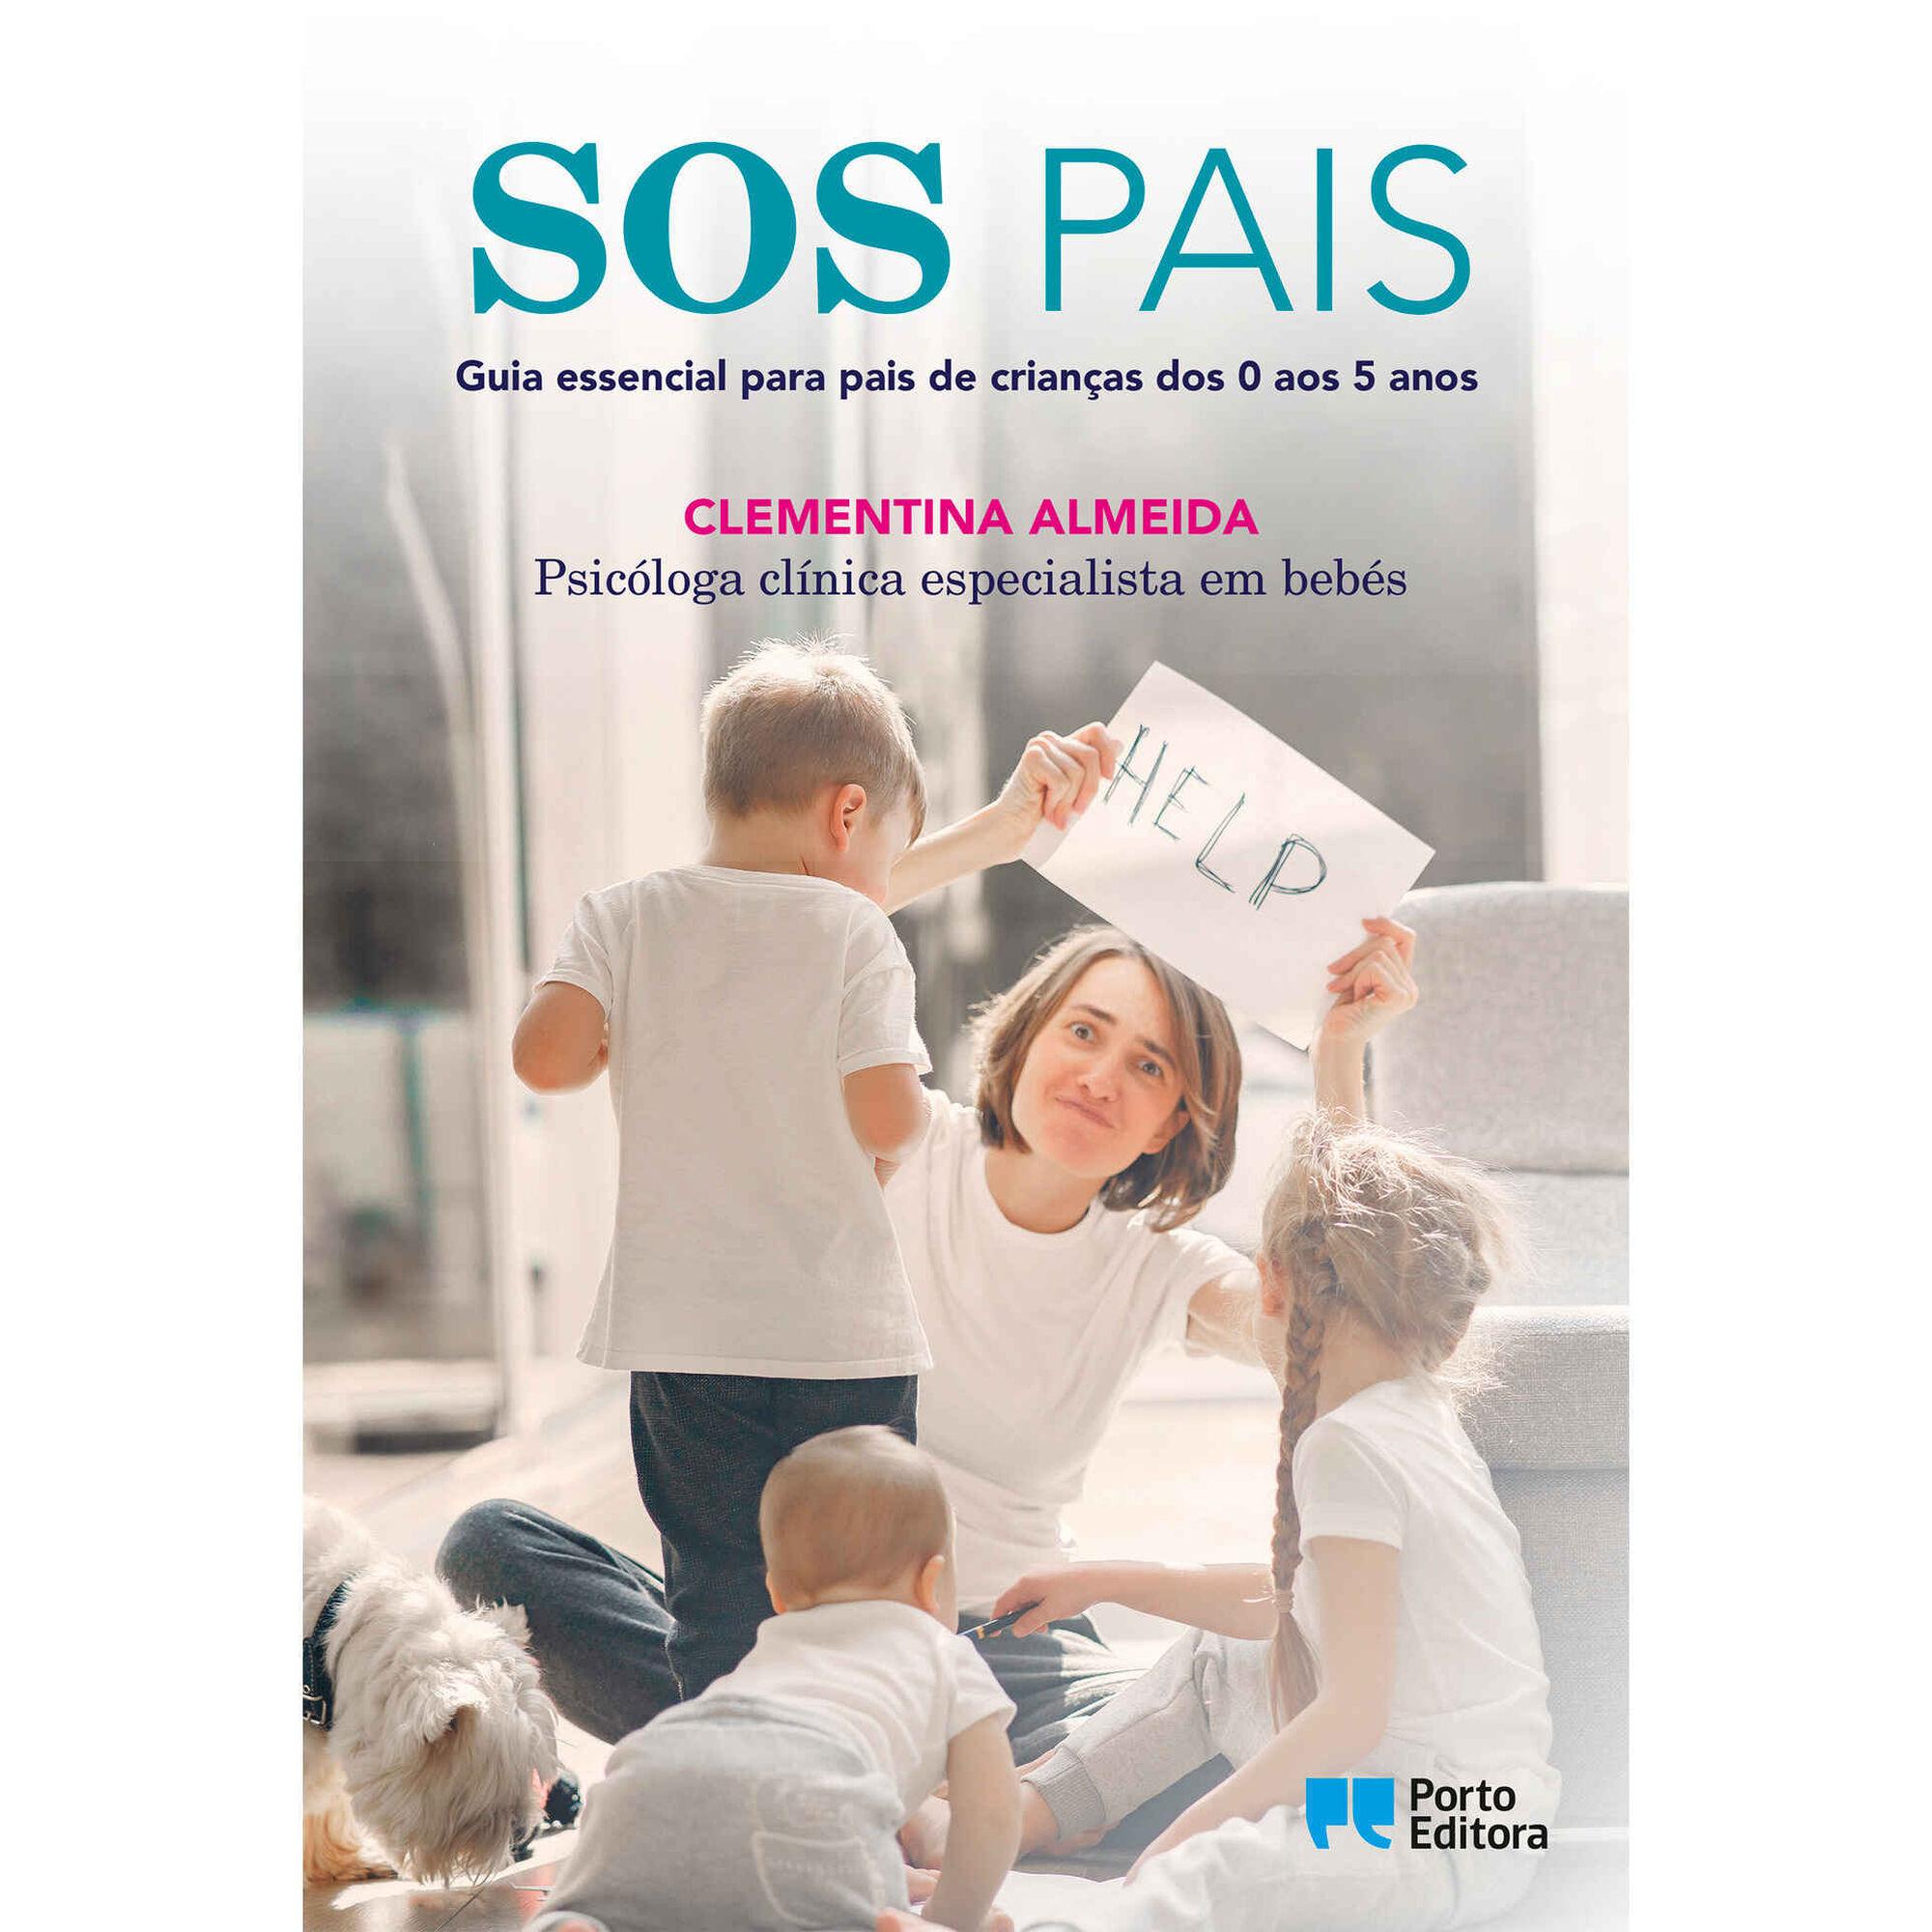 SOS Pais